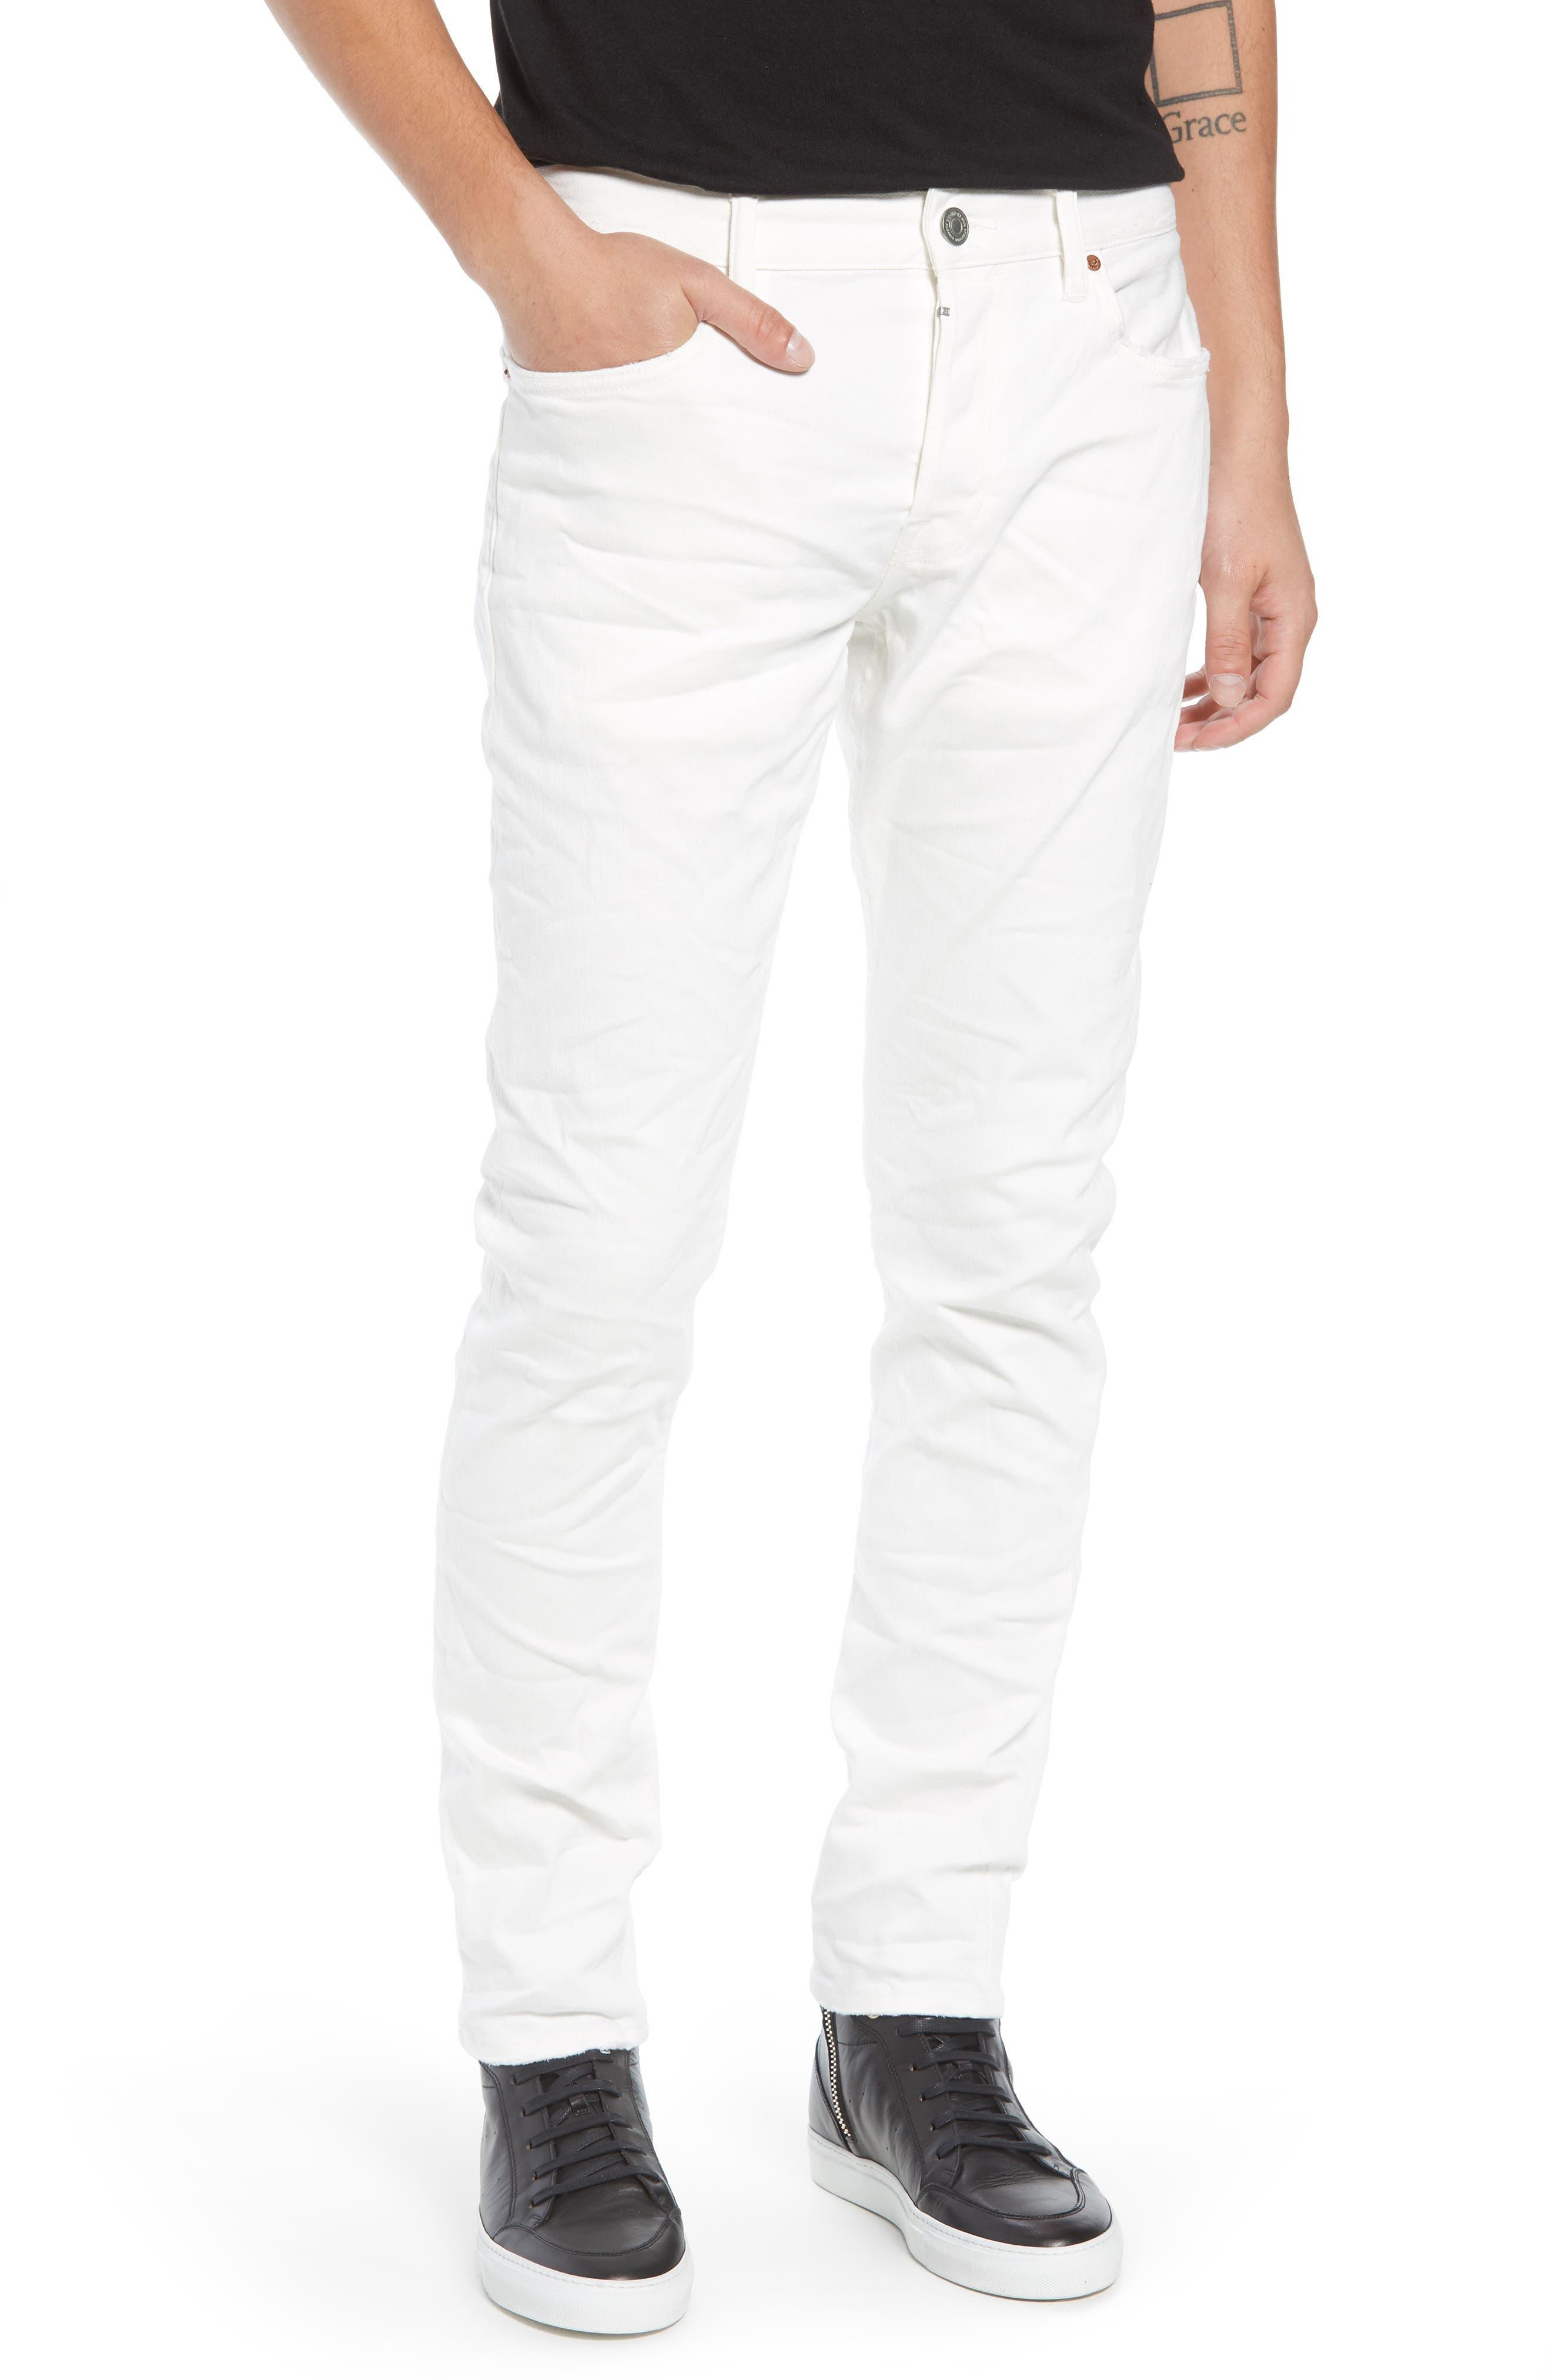 Weott Rex Slim Fit Jeans,                             Main thumbnail 1, color,                             100